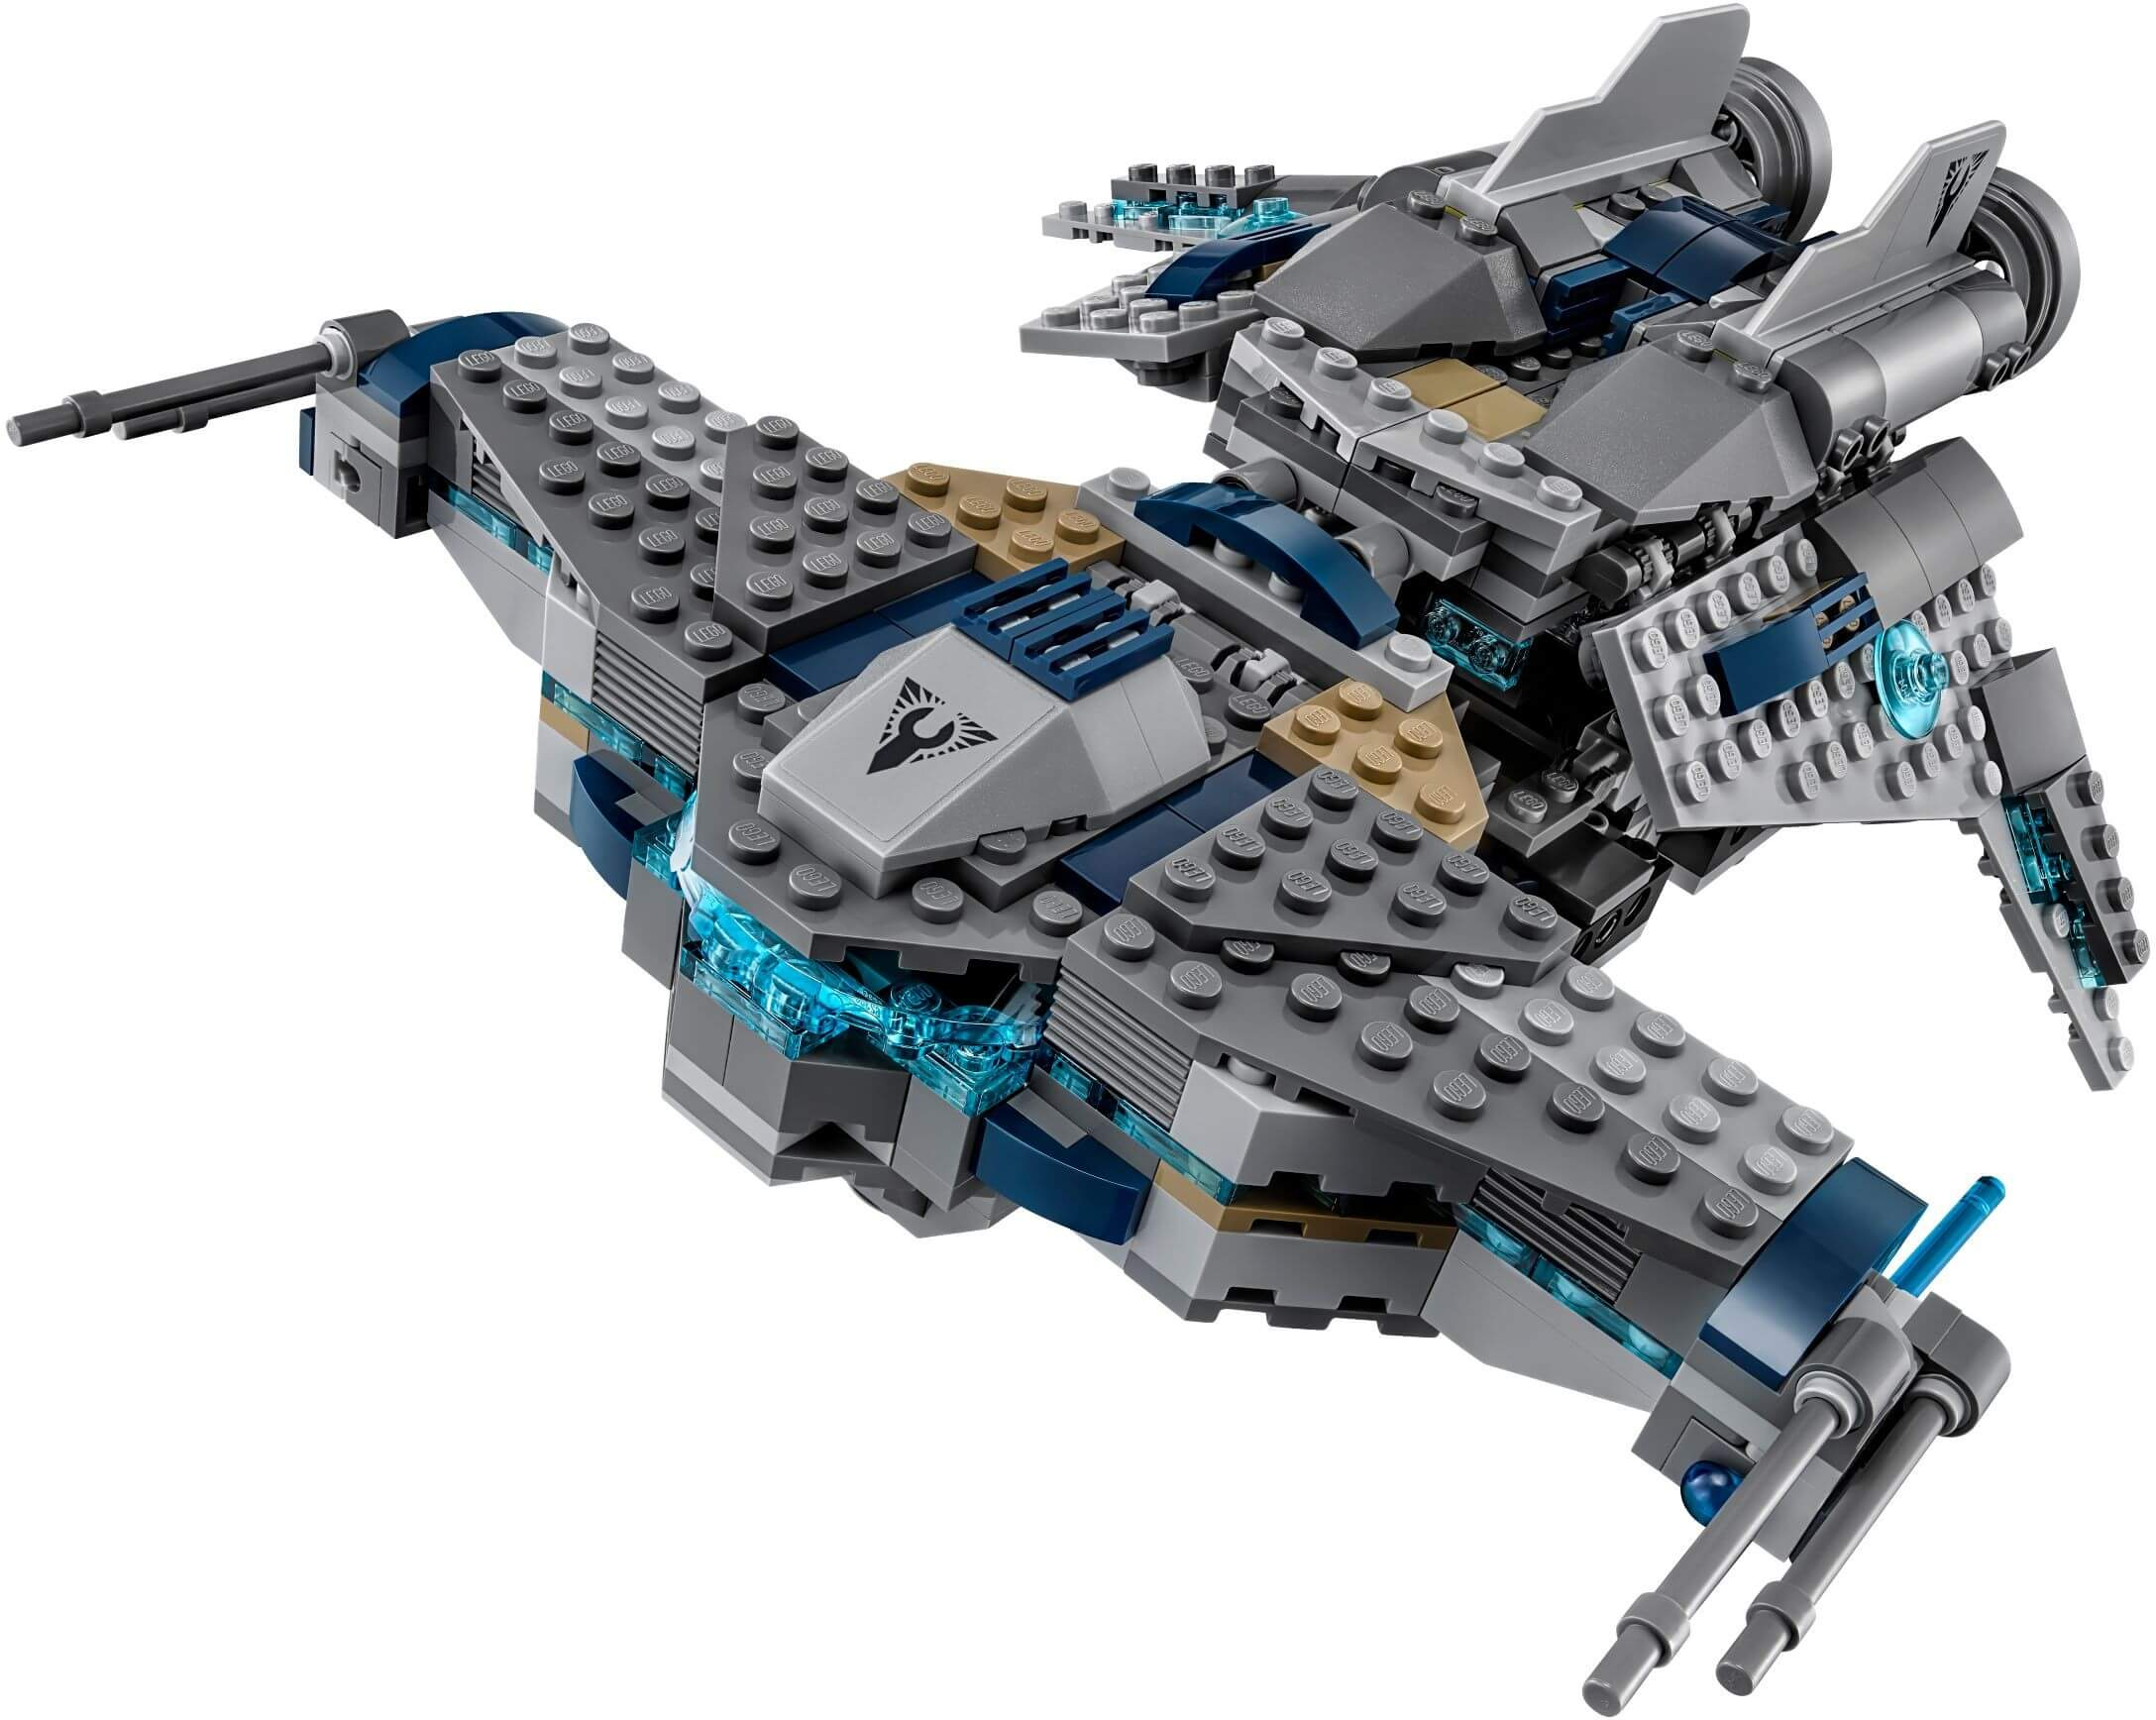 Mua đồ chơi LEGO 75147 - LEGO Star Wars 75147 - Phi Thuyền StarScavenger (LEGO Star Wars StarScavenger 75147)